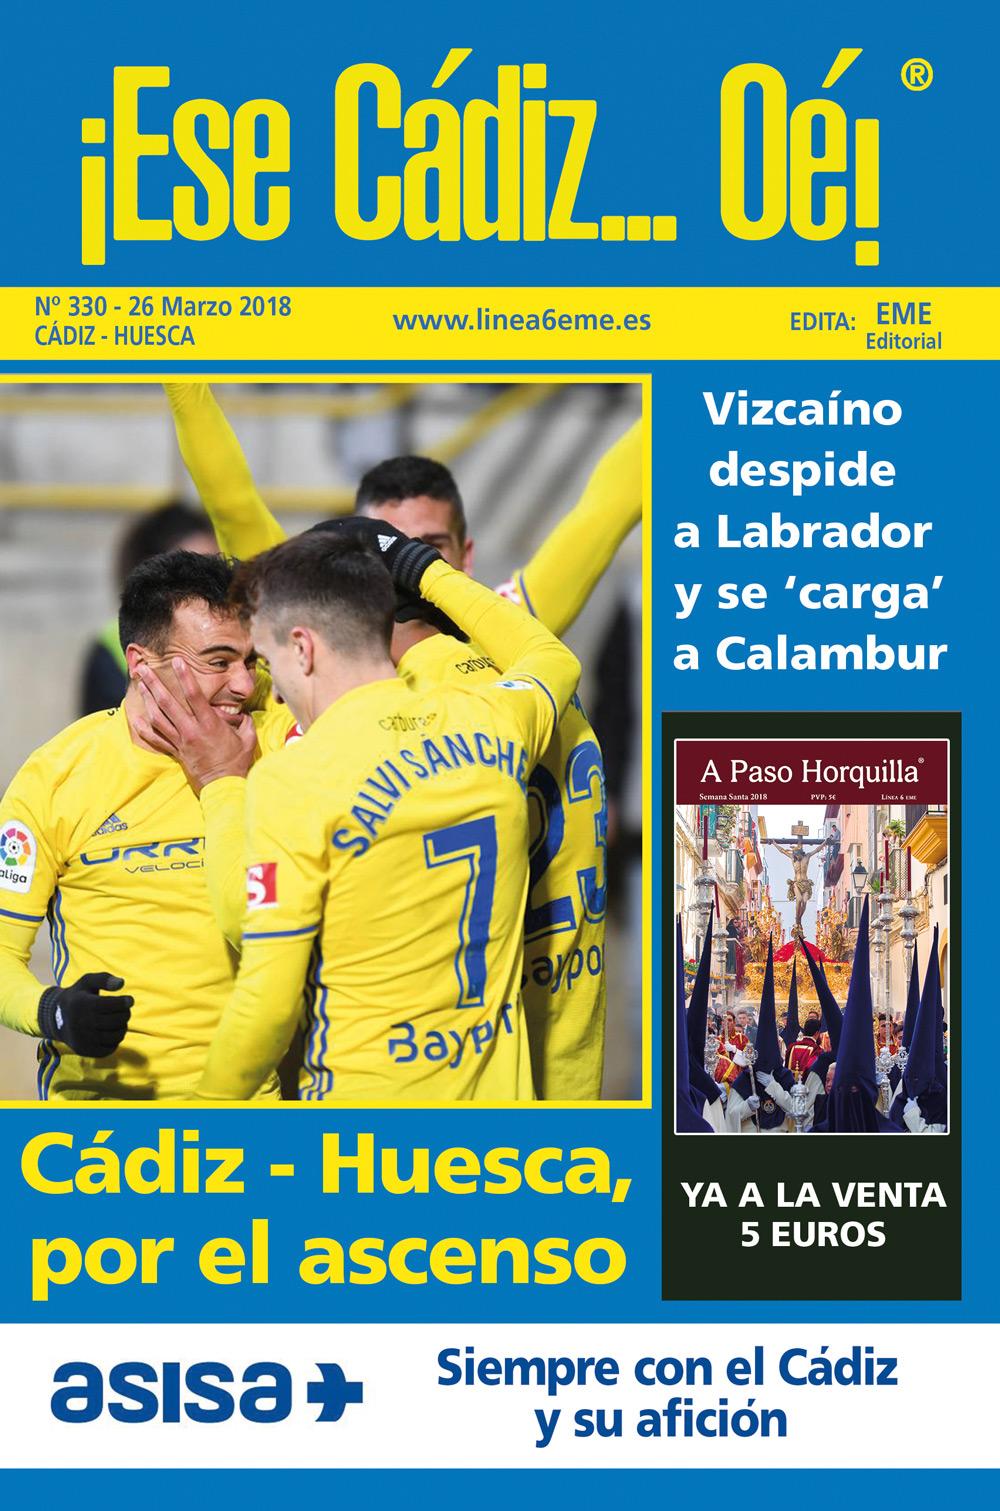 ¡Ese Cádiz…Oé! núm. 330 Temporada 2017/18